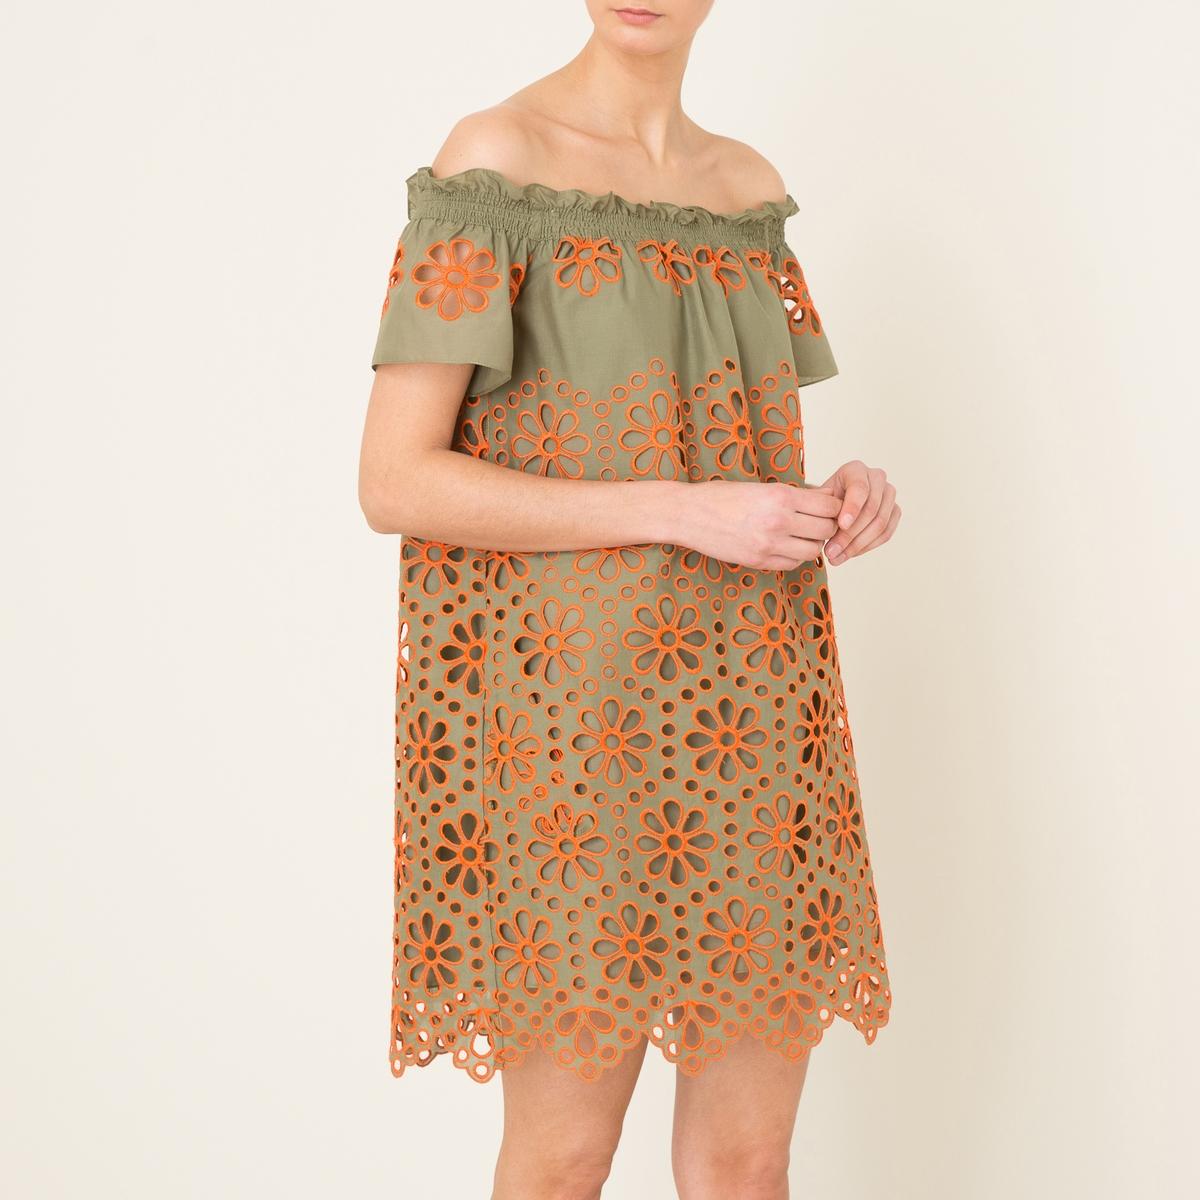 Платье GIPSYПлатье короткое VALERIE KHALFON - модель GIPSY с контрастной английской вышивкой, открытый вырез . Вырез с оборками и воланом, открытые плечи . короткие рукава. Волнистый низ Состав и описание    Материал : 100% хлопок   Марка : VALERIE KHALFON<br><br>Цвет: хаки<br>Размер: 38 (FR) - 44 (RUS)